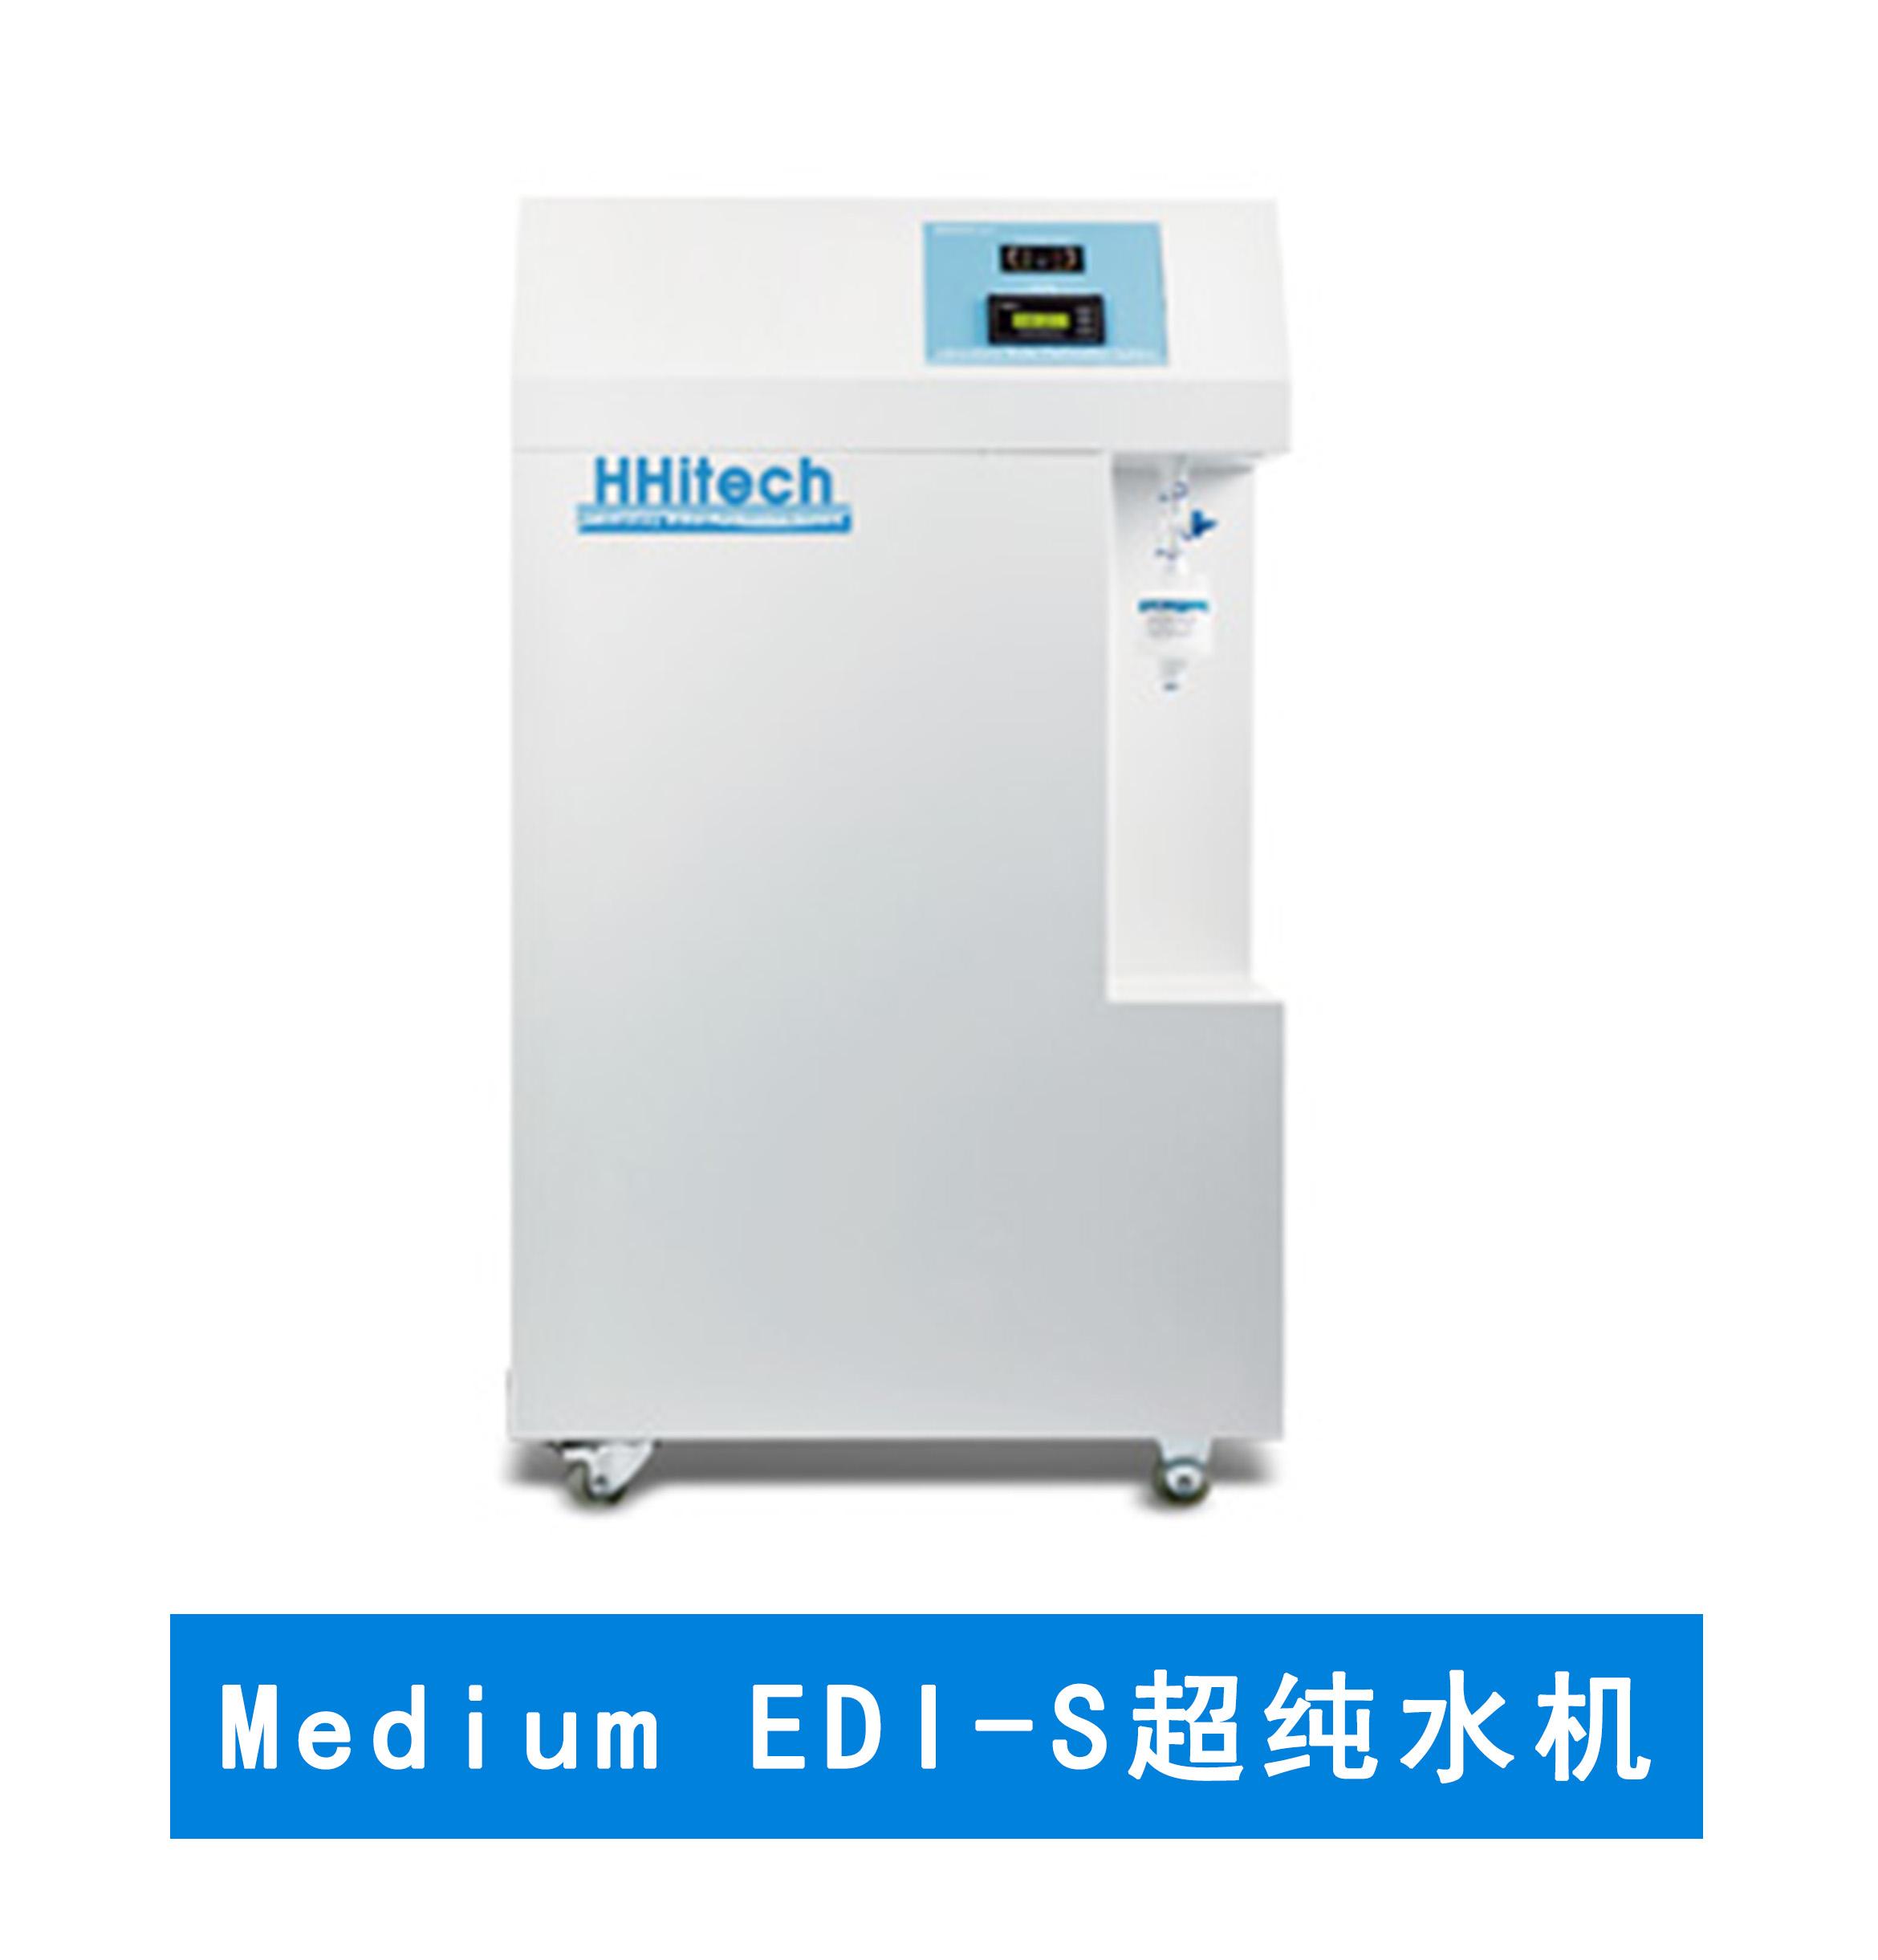 Medium EDI-S超纯水机